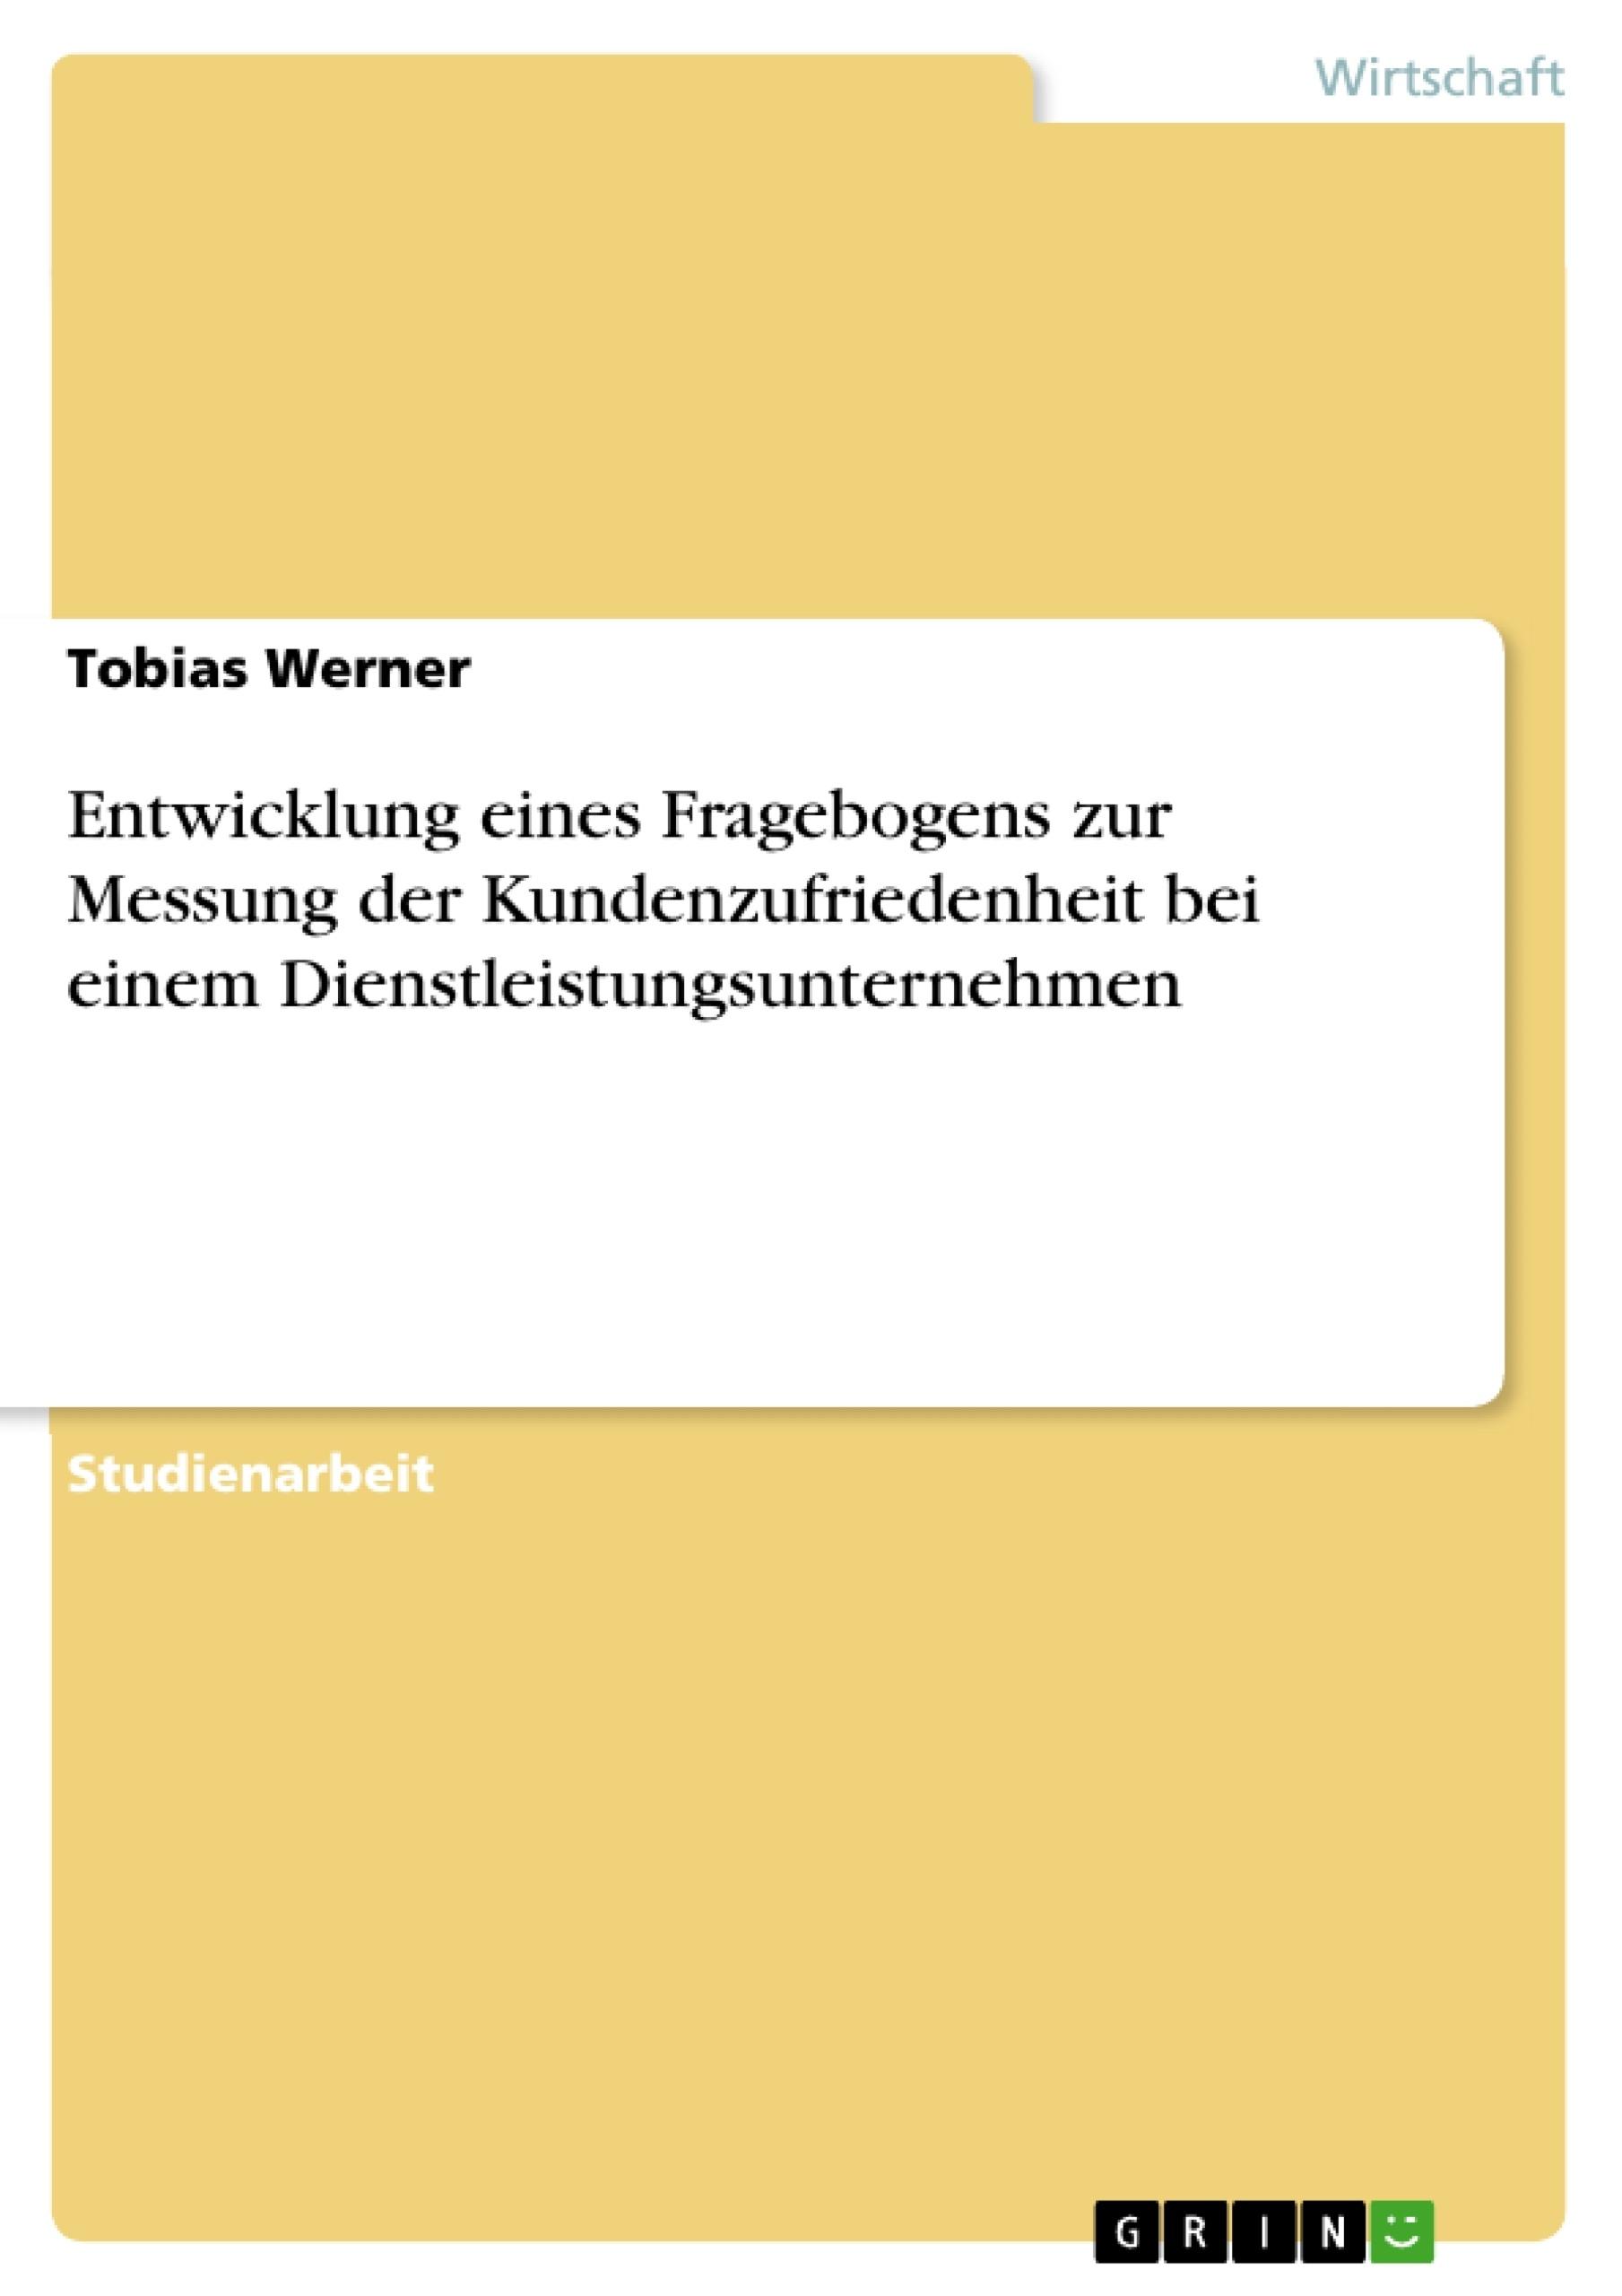 Titel: Entwicklung eines Fragebogens zur Messung der Kundenzufriedenheit bei einem Dienstleistungsunternehmen